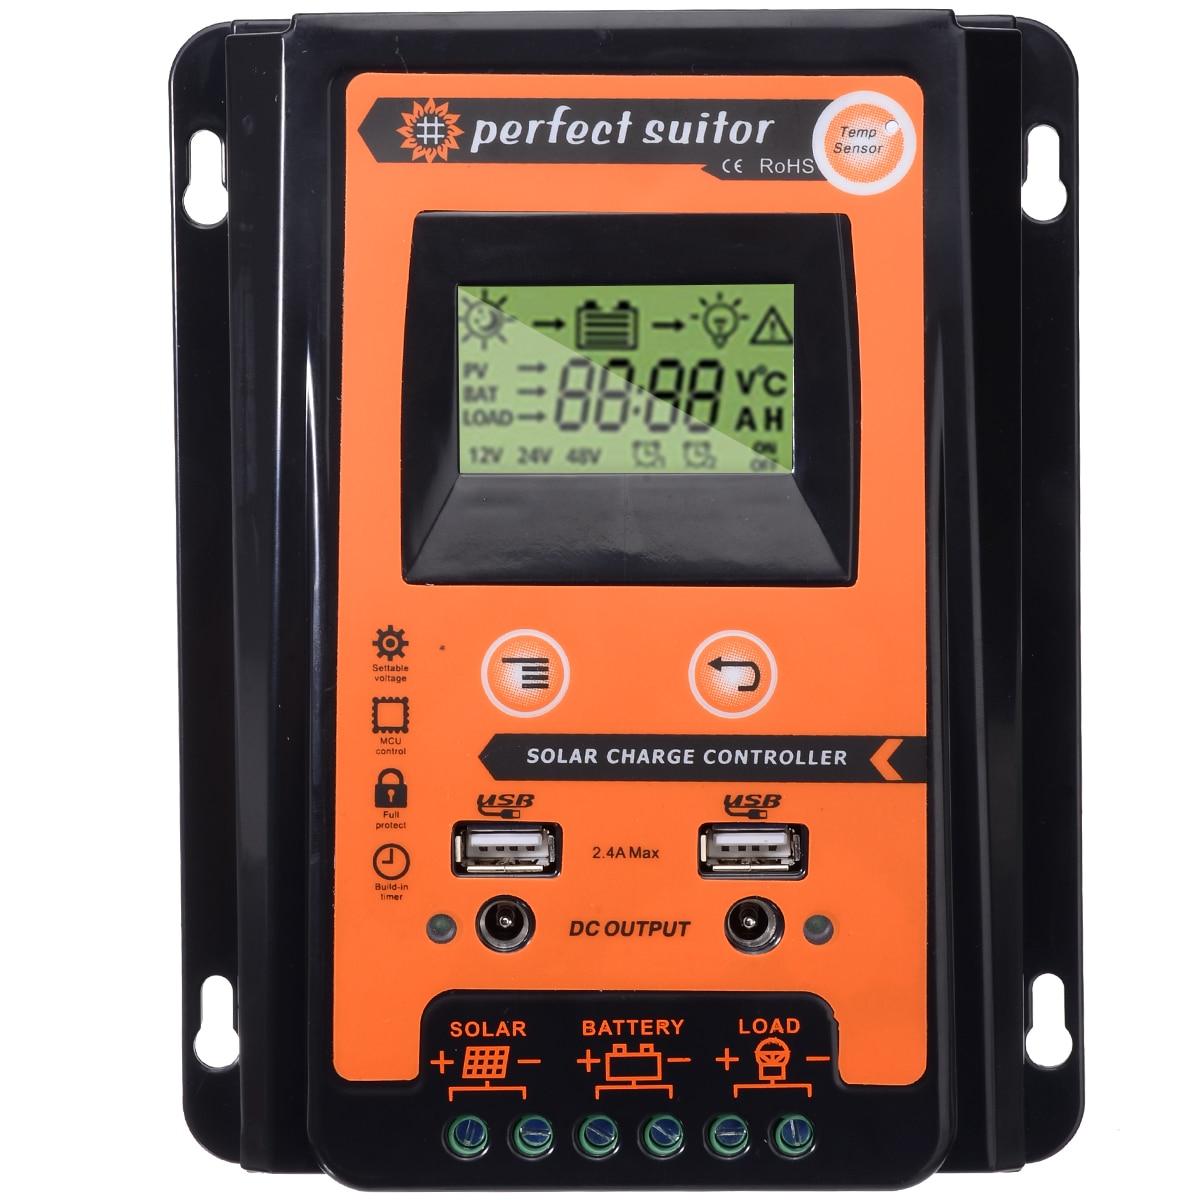 12 V/24 V 30A MPPT солнечные контроллеры панель солнечной батареи Регулятор двойной USB ЖК-дисплей Контроллер заряда солнечной энергии